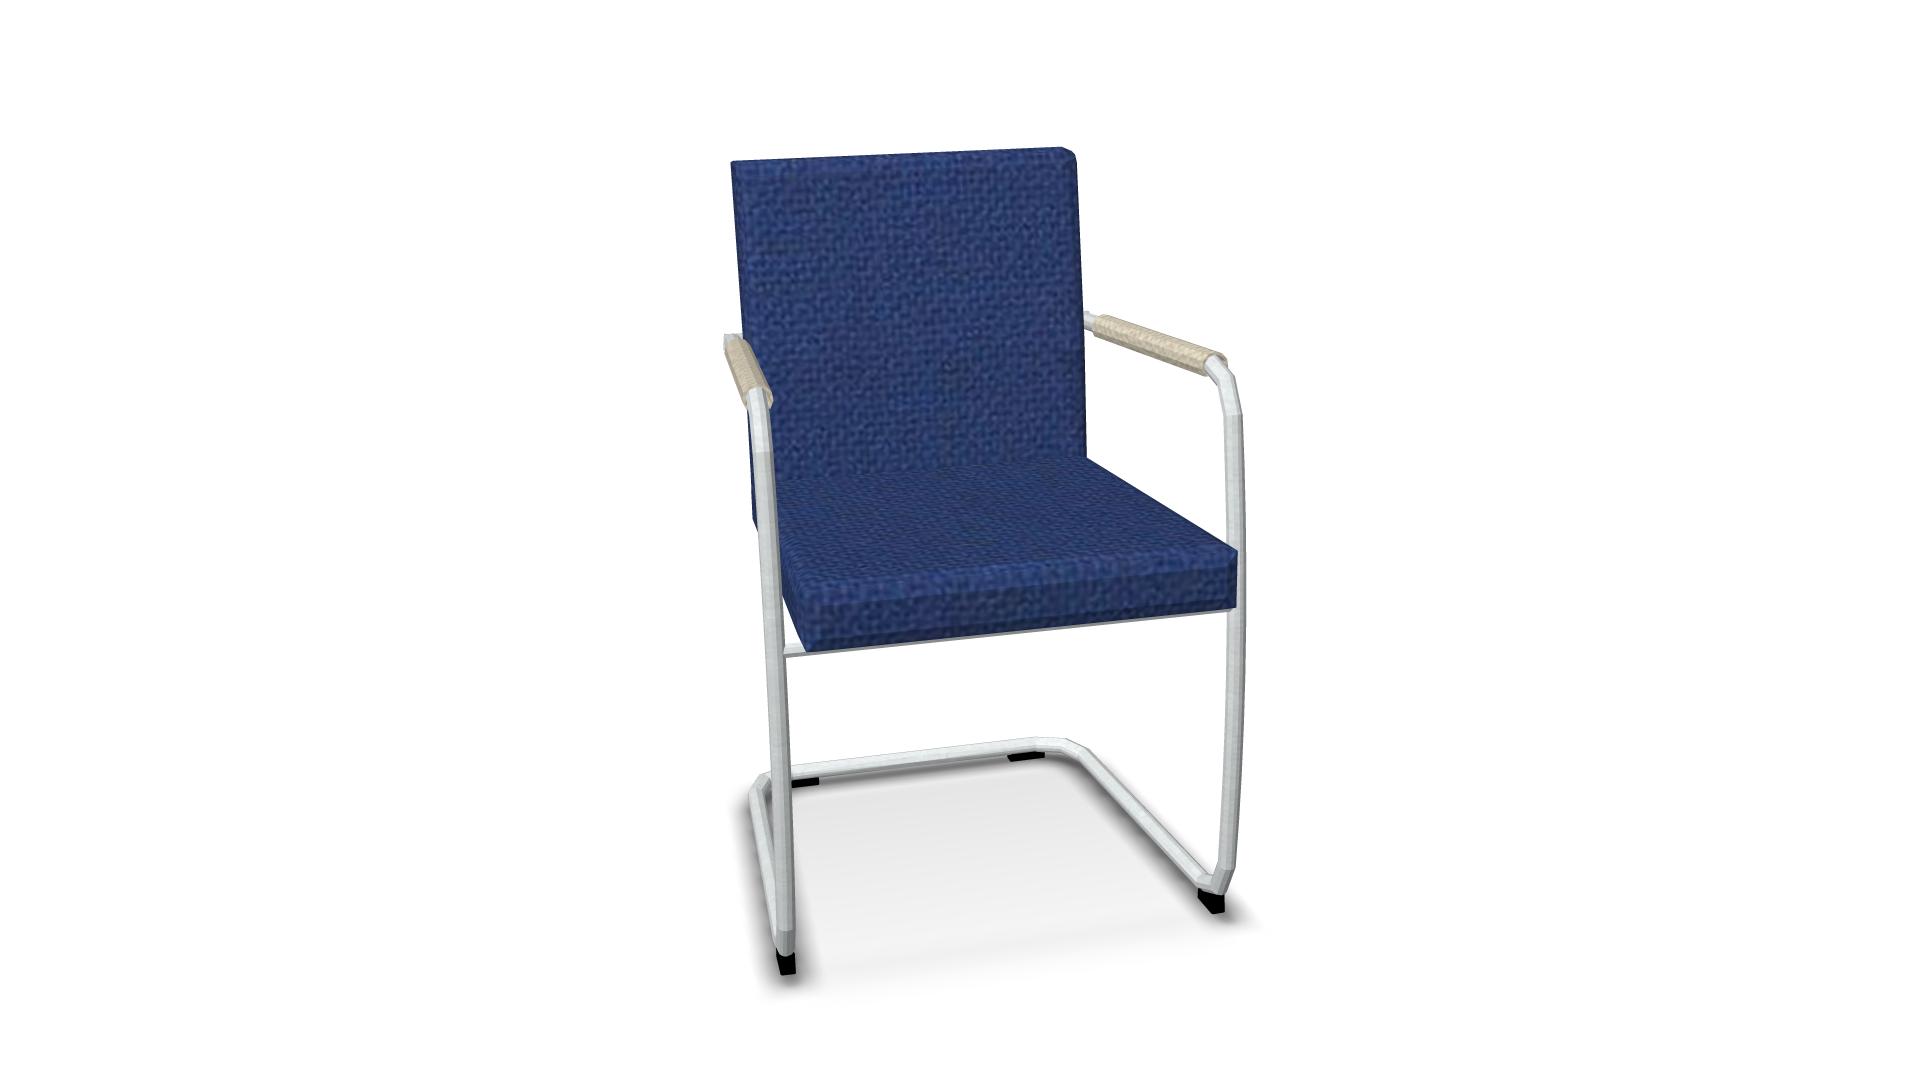 Bene office furniture CAD downloads - Bene AG. Tons of office furniture cad models.